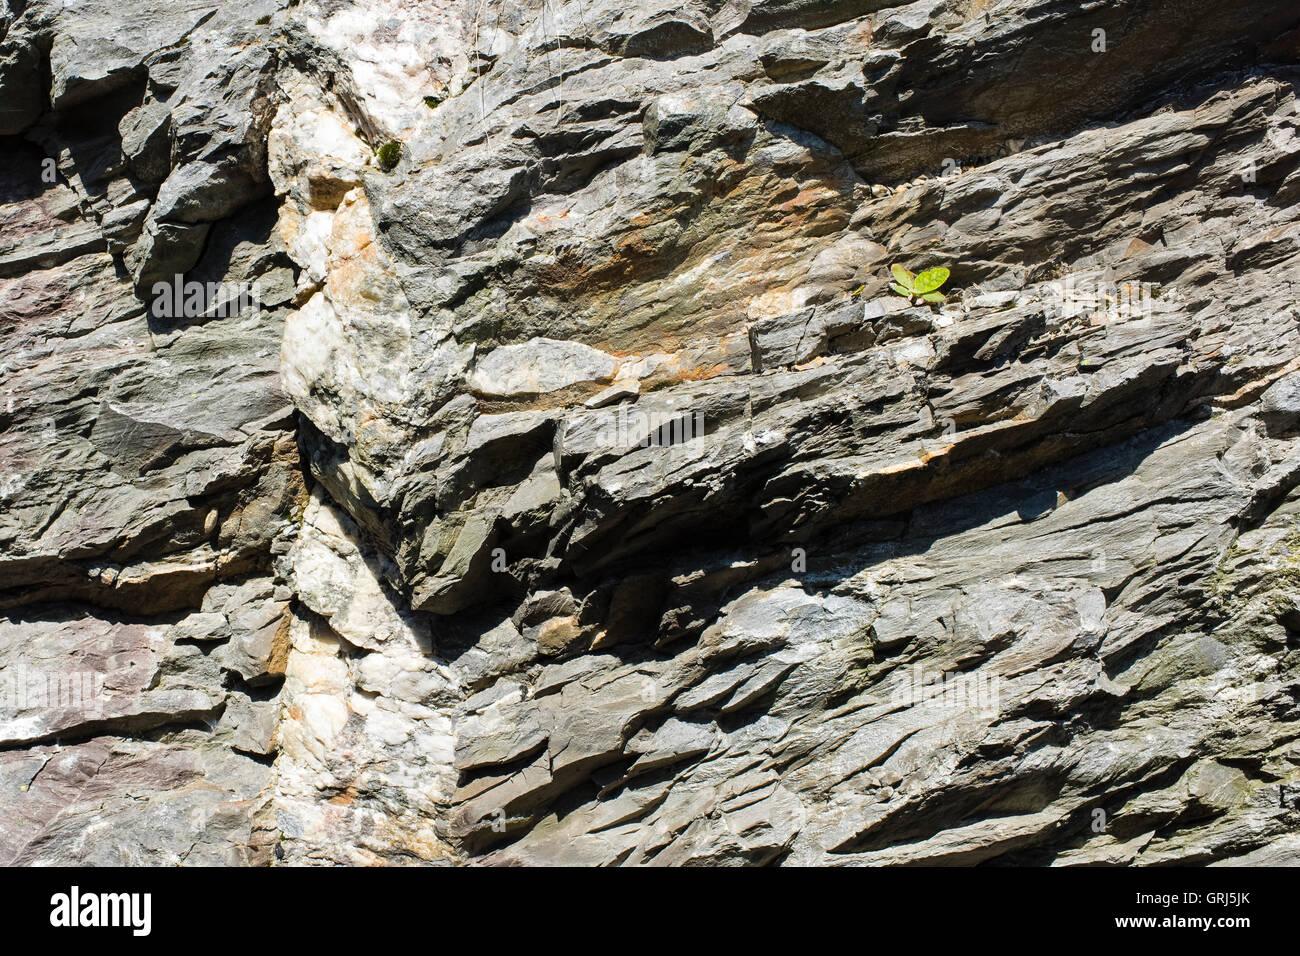 A vertical quartz intrusion in layered slate near Blaenau Ffestiniog, Gwynedd, Wales UK - Stock Image